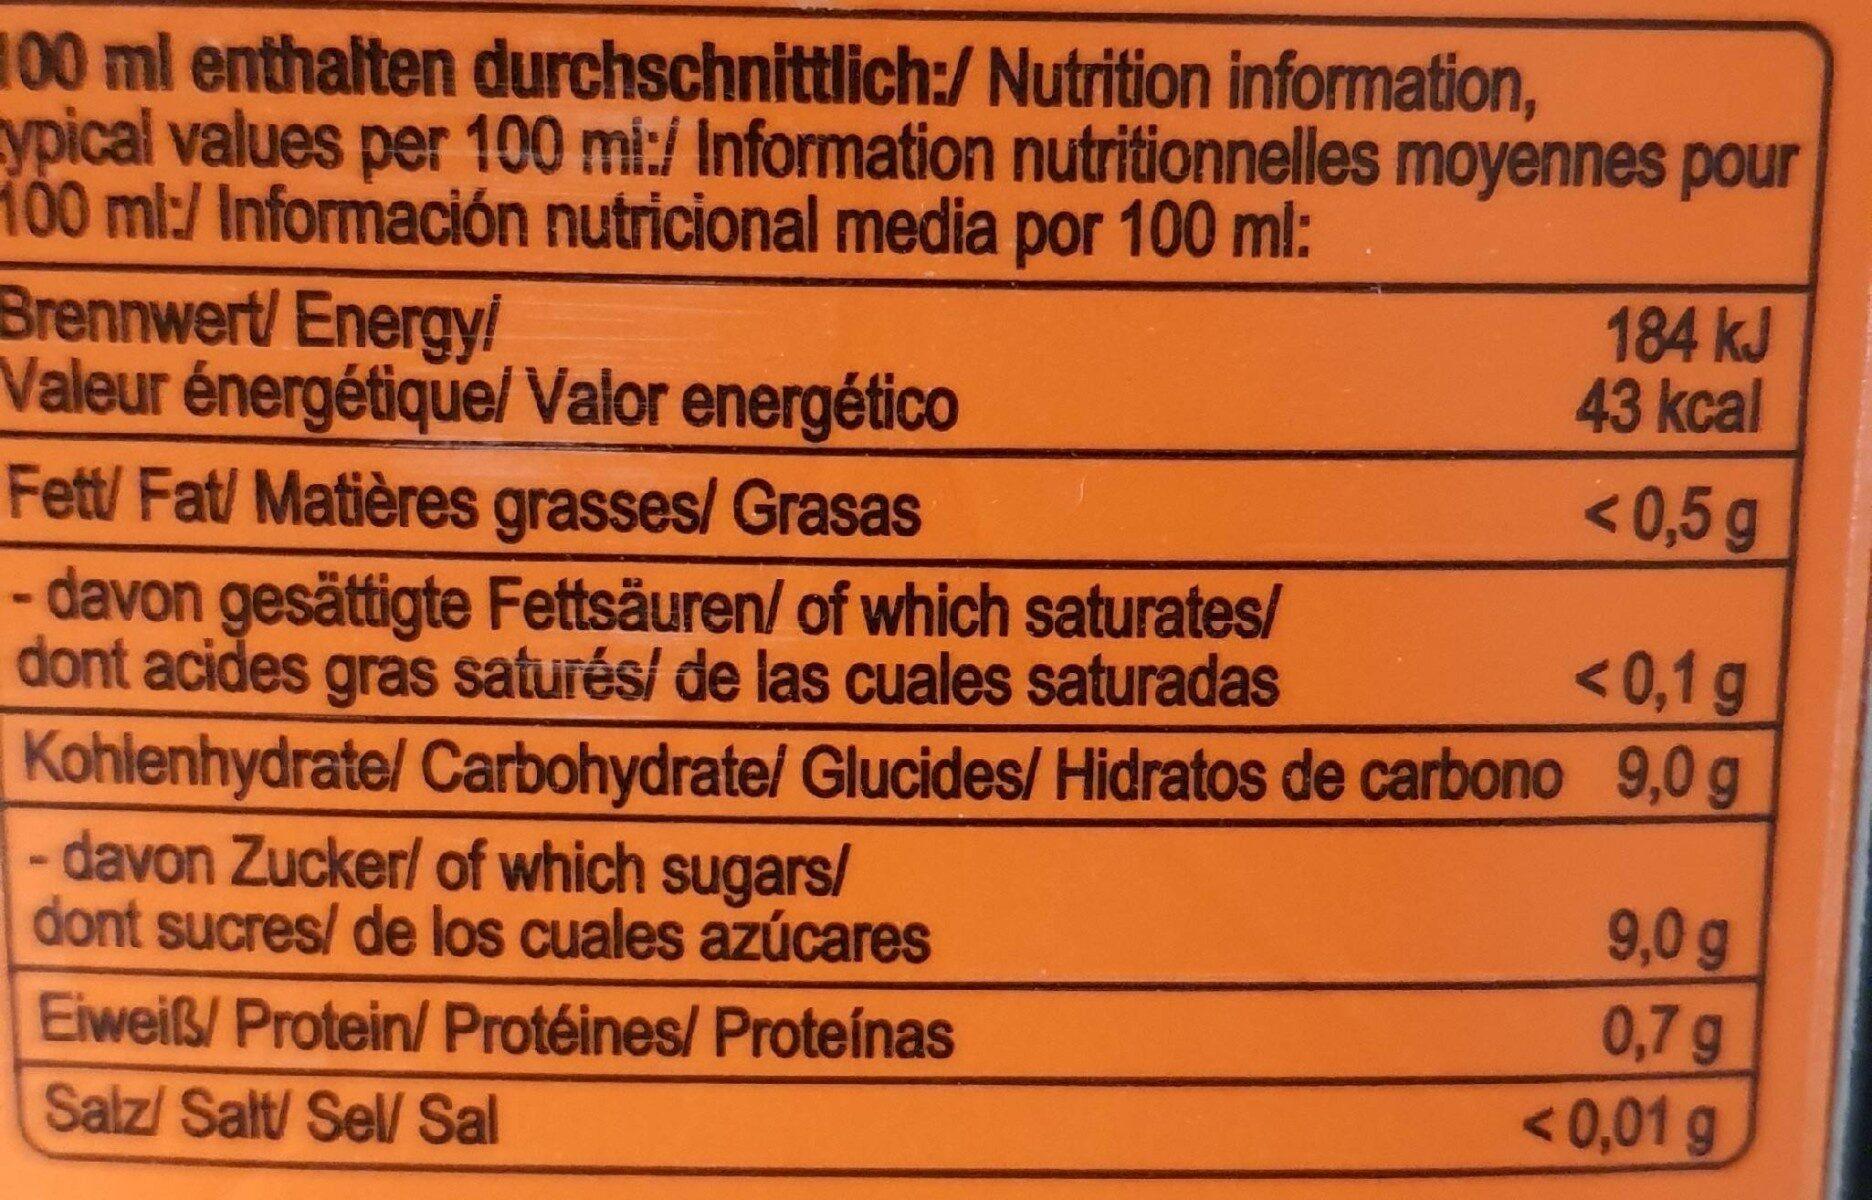 Orangensaft - Nährwertangaben - de